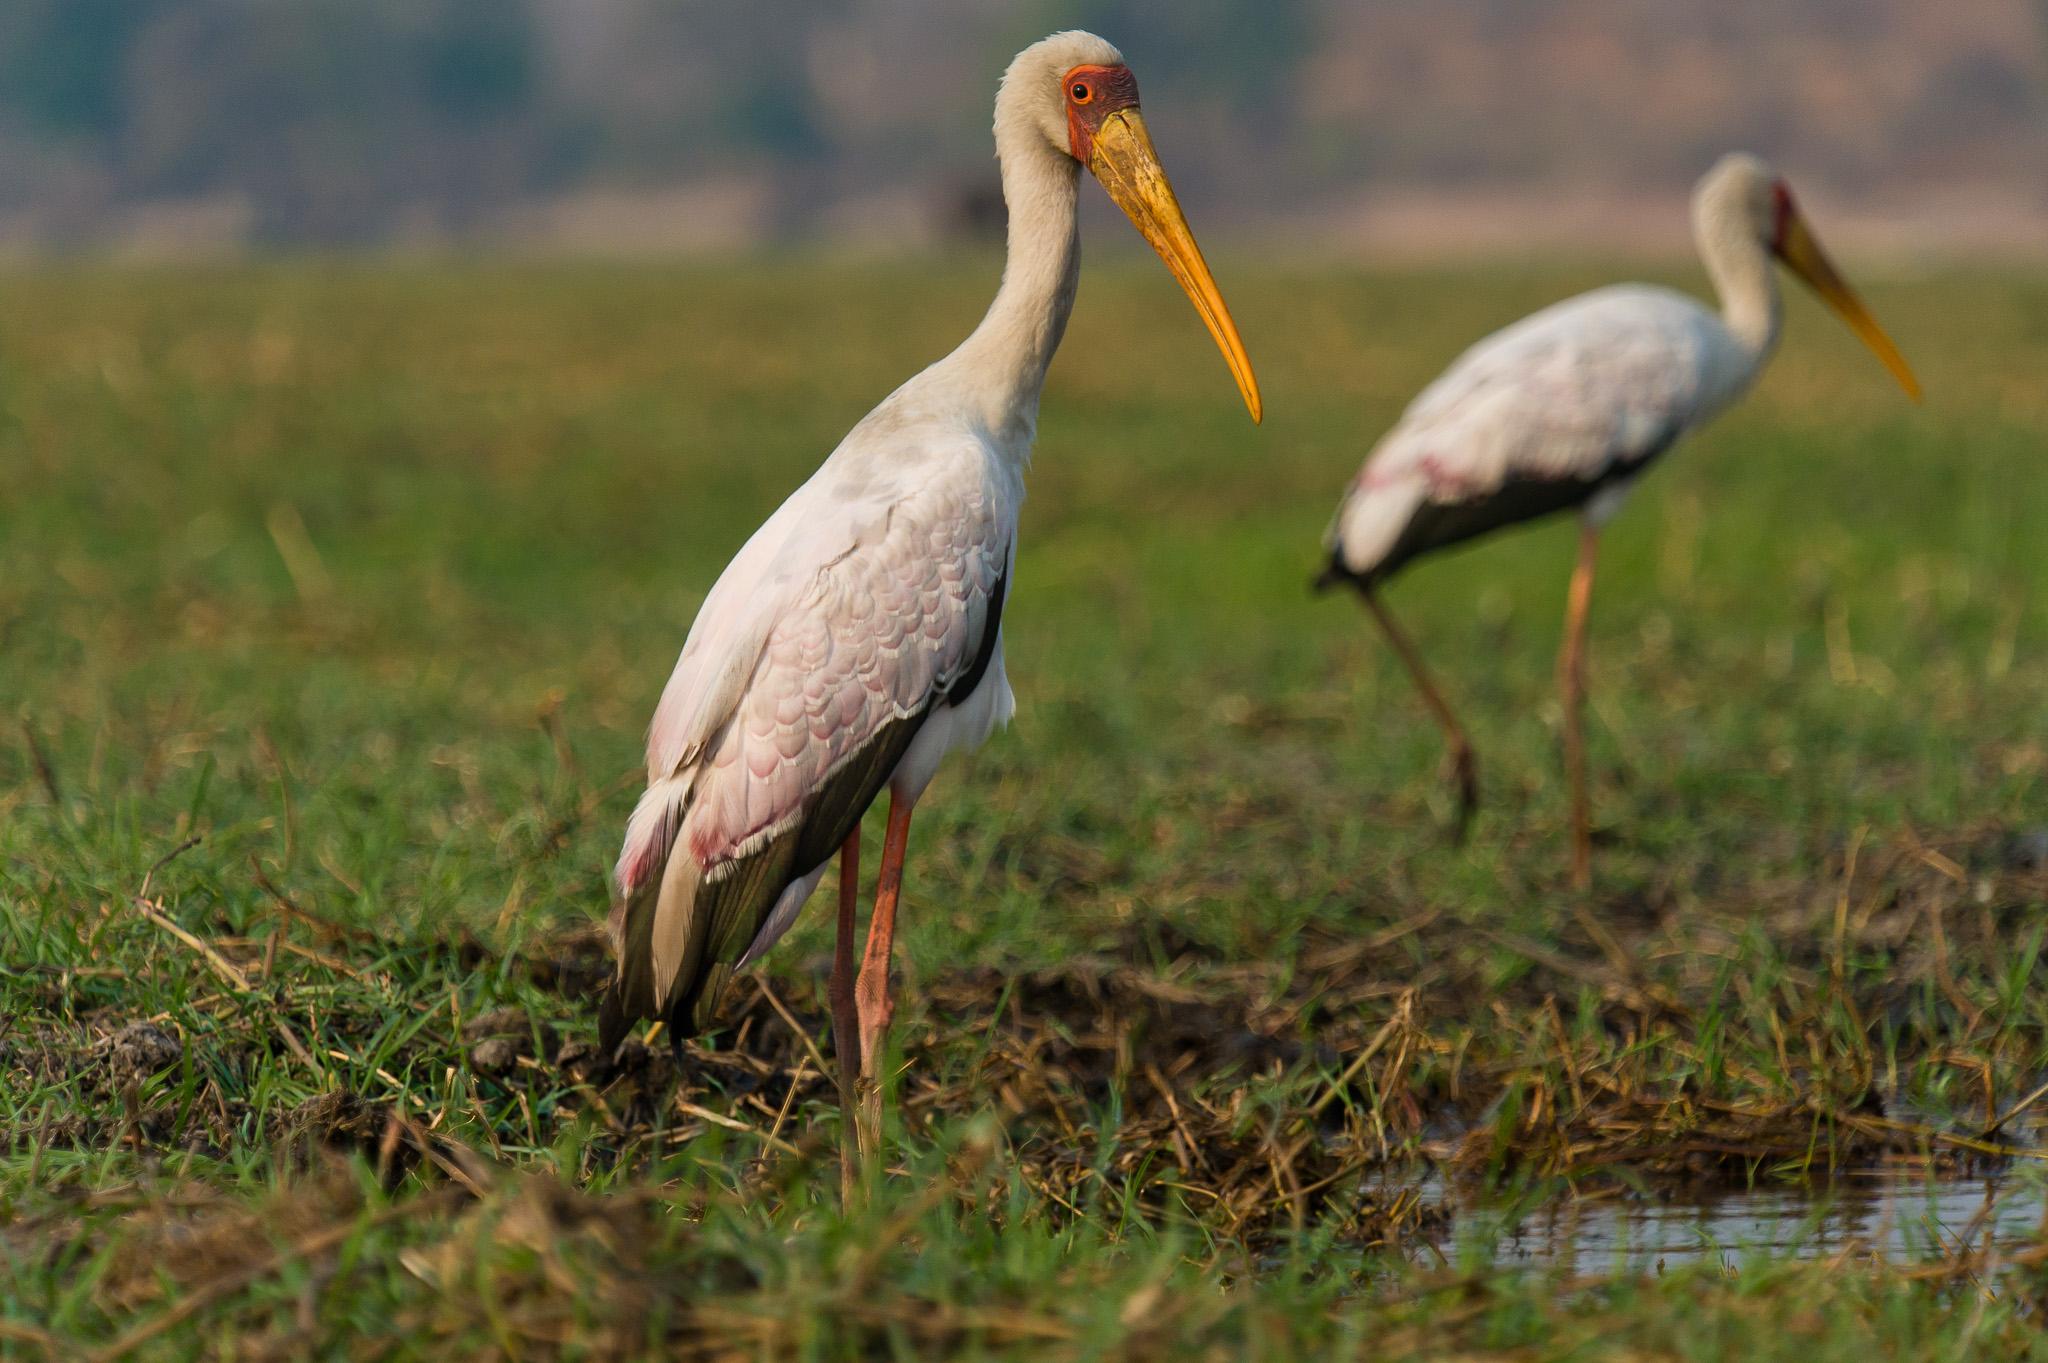 Yellowbilled Stork, Chobe NP, Botswana